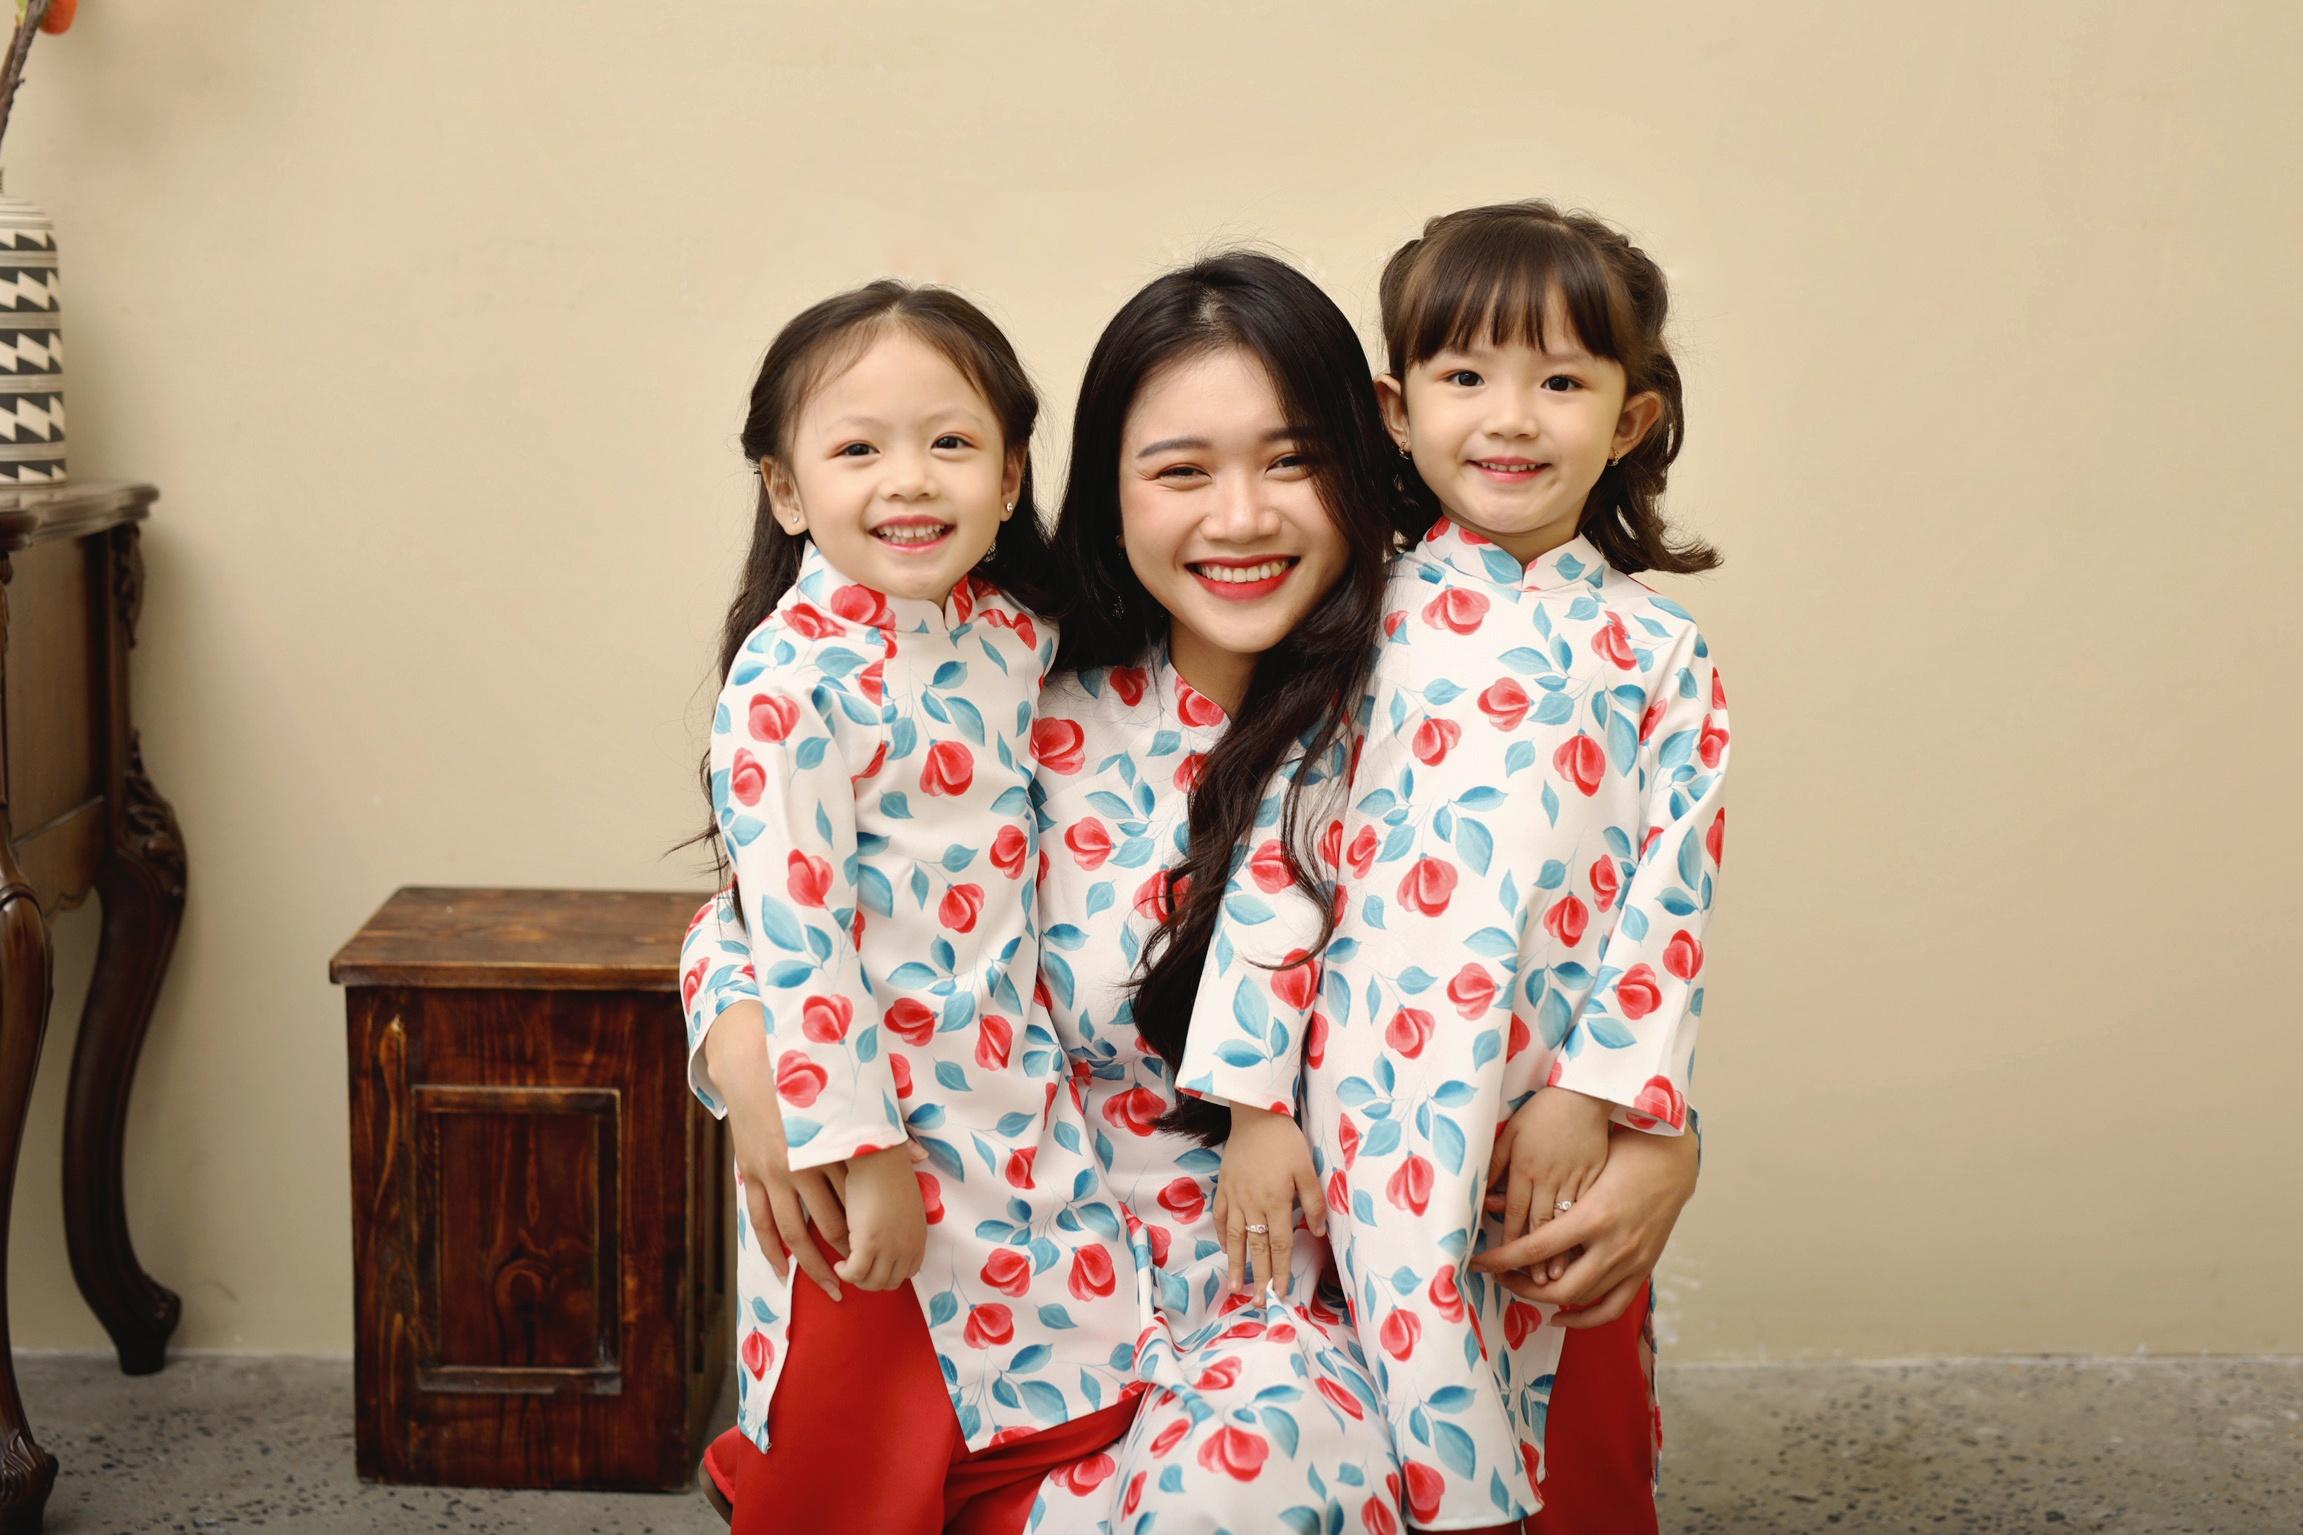 Mua áo dài cho bé ở đâu đẹp đón Tết Nguyên đán 2019? | Việt Nam Mới